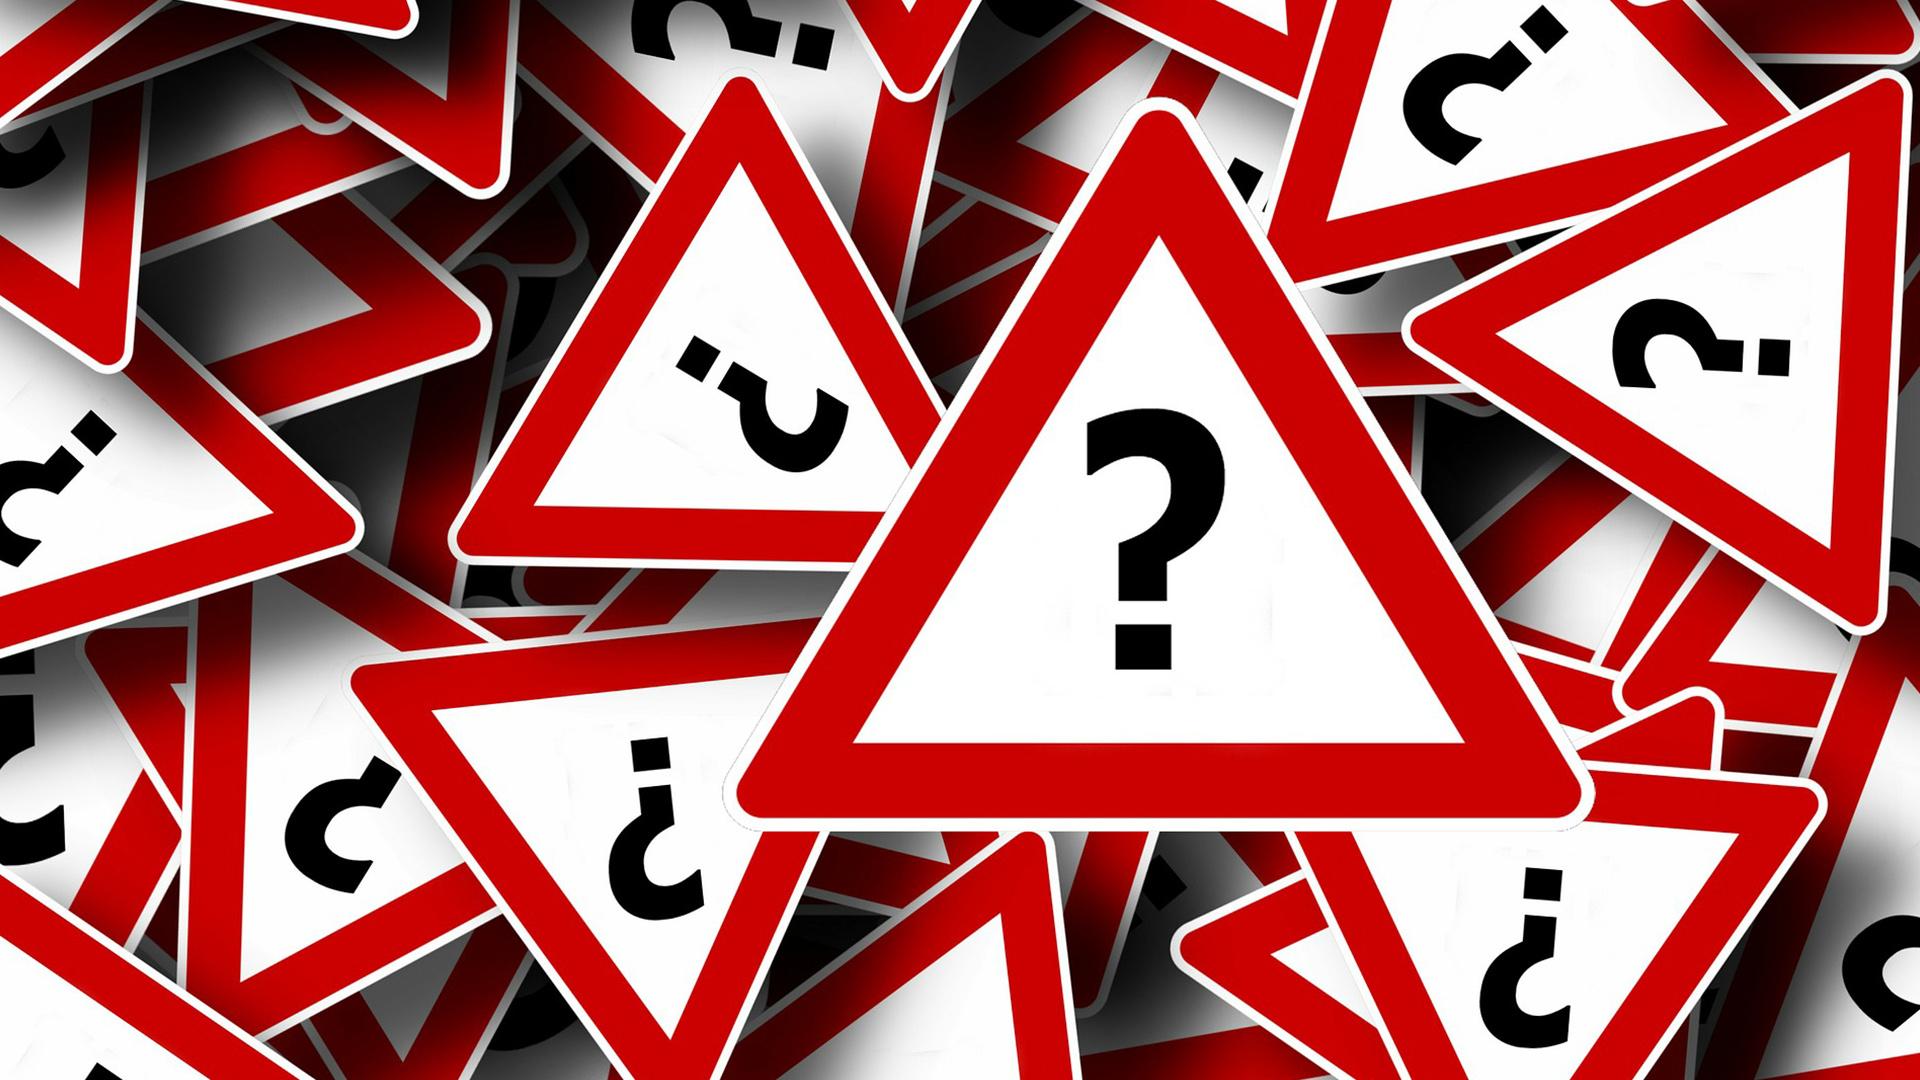 Muitas pessoas temem as famosas perguntas do consulado. Mas essa é uma etapa muito mais simples do que parece.